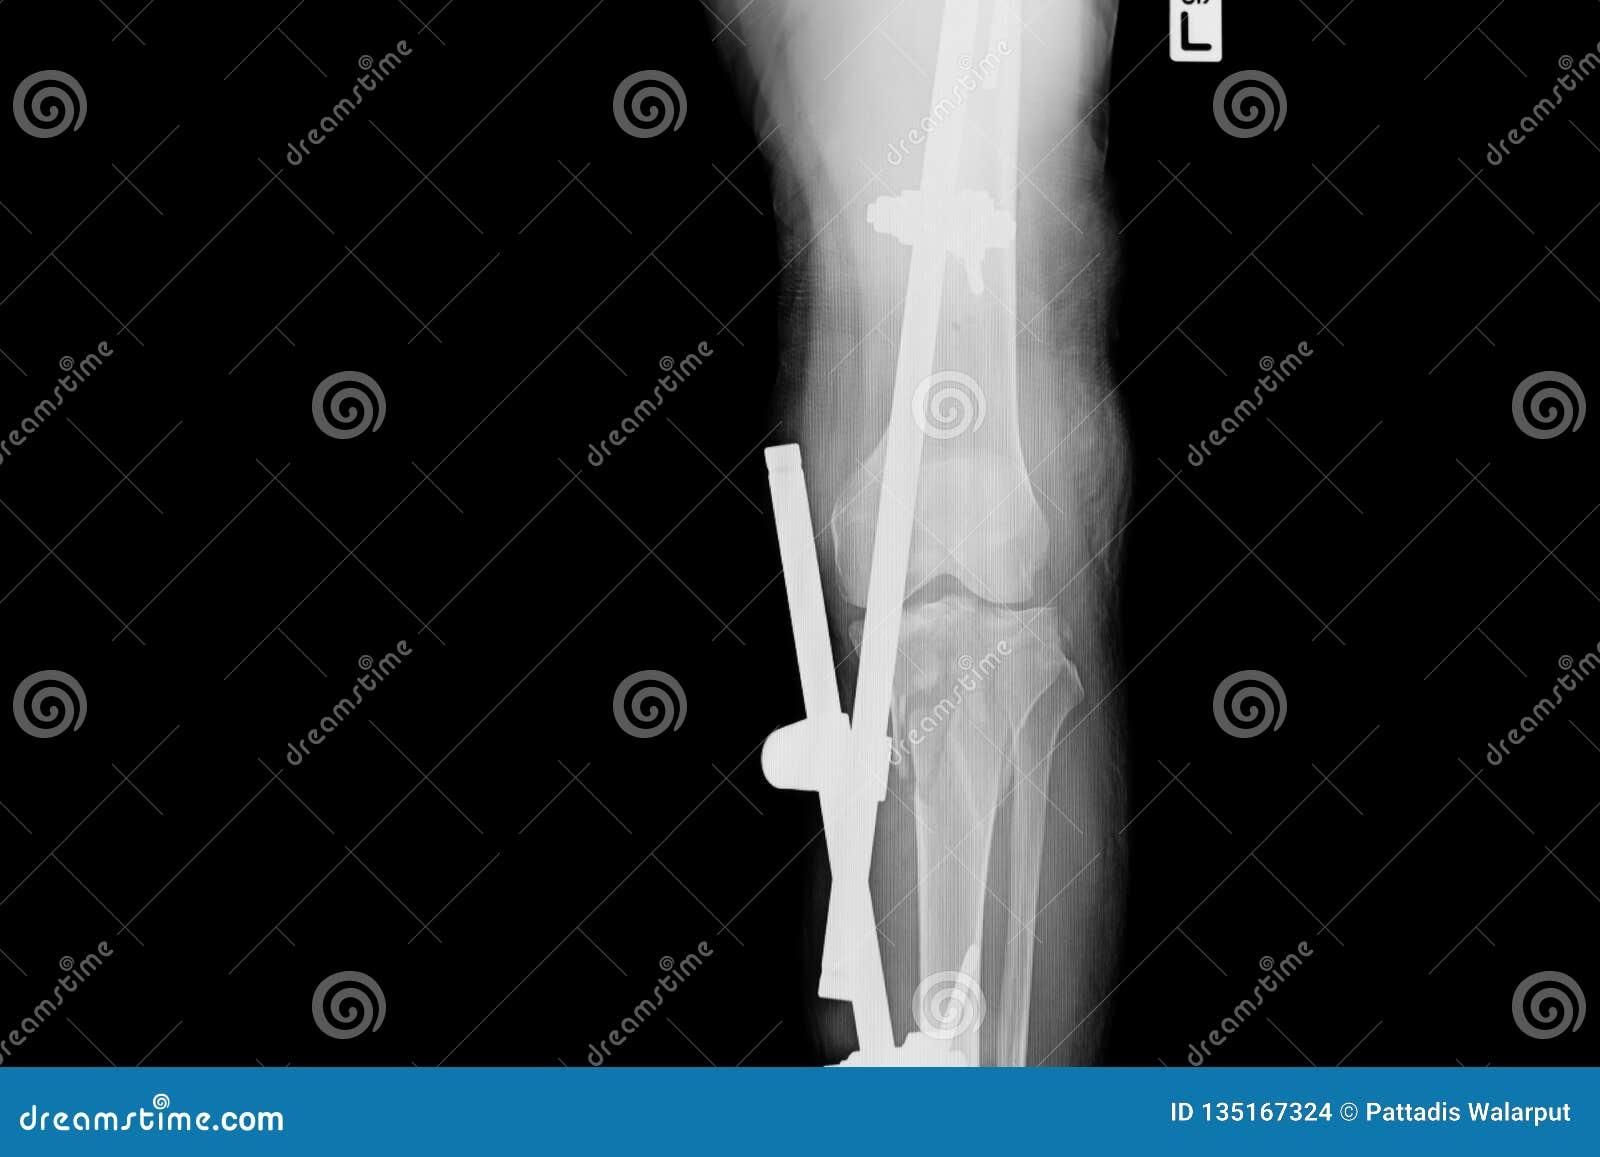 Röntgenstraalbeeld van breukbeen met implant externe bevestiging